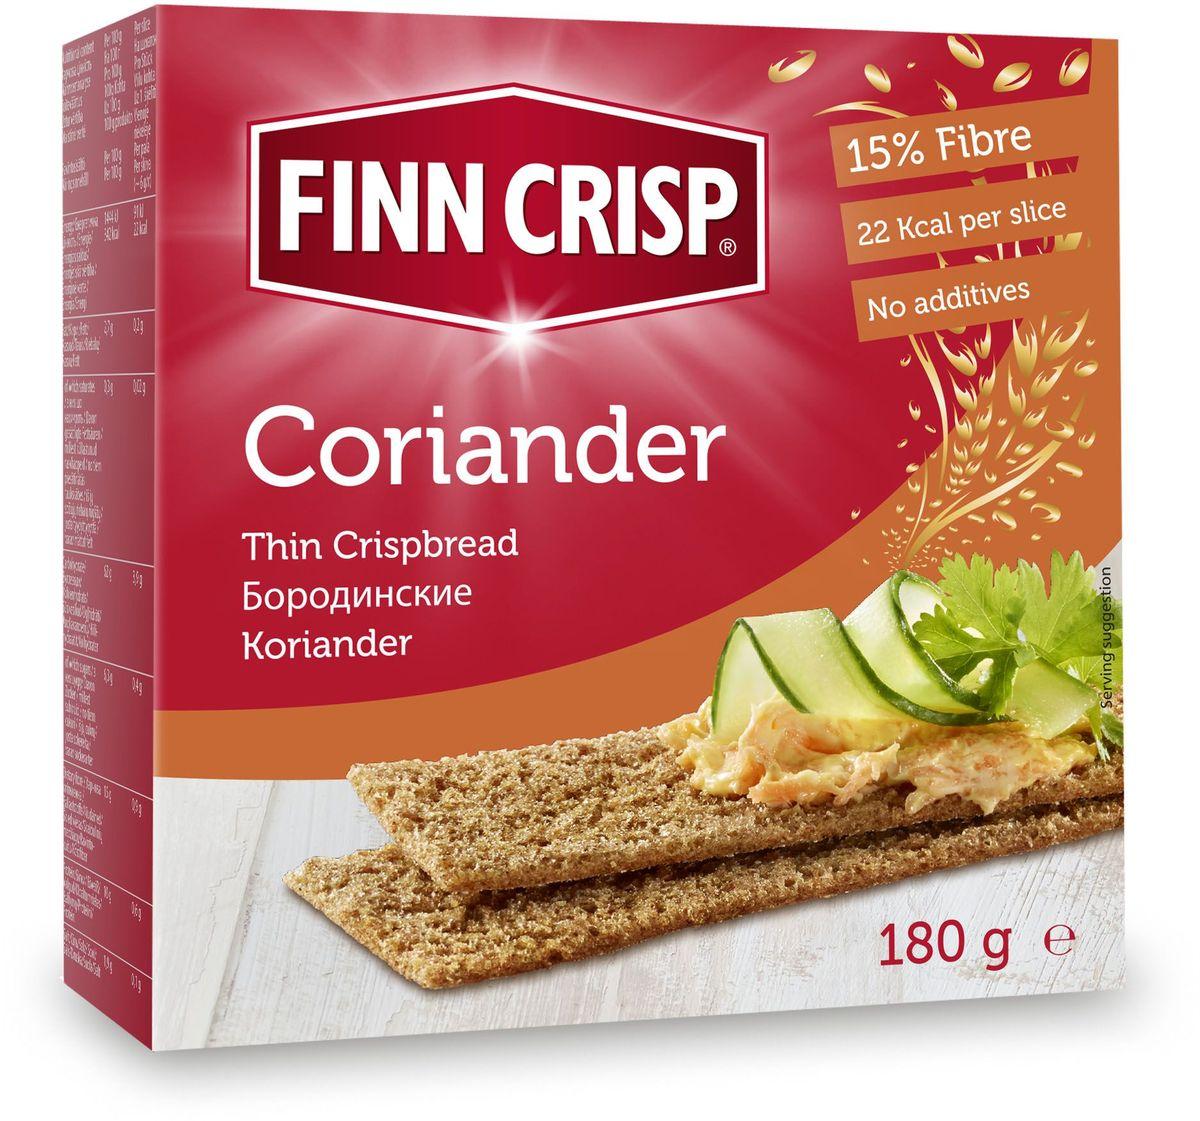 Finn Crisp Coriander хлебцы бородинские с кориандром, 180 г20129В 1952 году началось производство сухариков FINN CRISP (ФИНН КРИСП), когда стартовали Олимпийские Игры в Хельсинки (Финляндия). Многие годы натуральные ржаные сухарики FINN CRISP отражают дух Финляндии для миллионов покупателей по всему миру, заботящихся о здоровом питании. Высушивать хлеб - давняя финская традиция и FINN CRISP до сих пор придерживаются этой традиции создавая хлебцы по старому классическому финскому рецепту. Бренд FINN CRISP принадлежит компании VAASAN Group's. VAASAN - это крупнейшая хлебопекарная компания в Балтийском регионе со столетней историей, занимающаяся производством продукции для правильного и здорового питания. Занимающая второе место по производству сухариков и хлебцев, а её продукция экспортируются в более чем 50 государств!